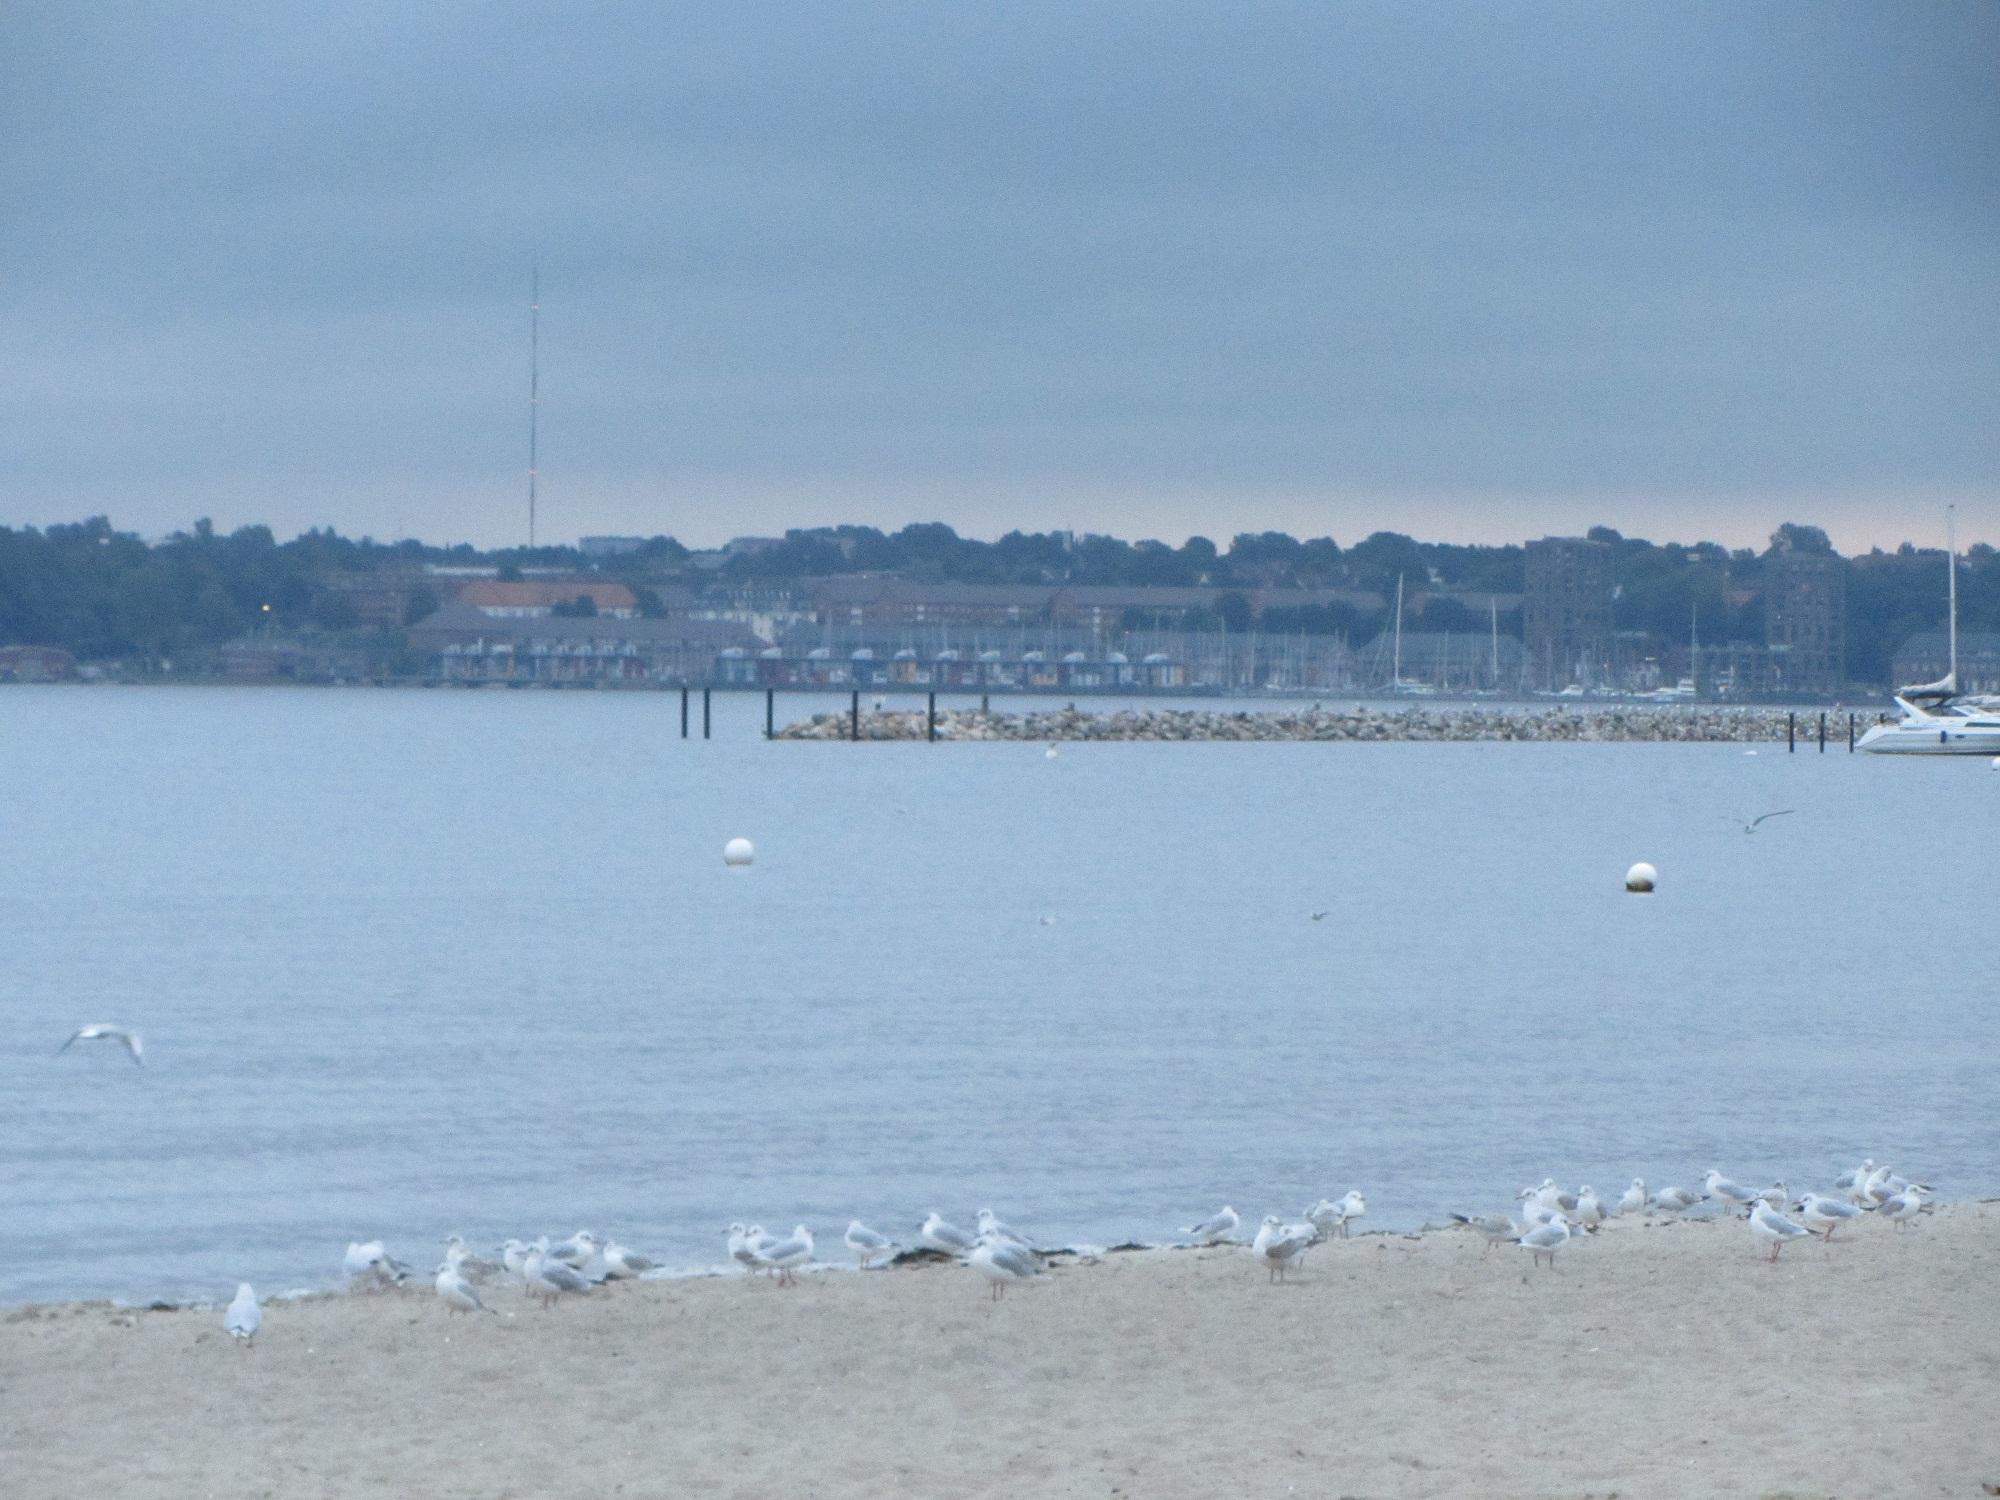 Trotzdem ist es immer wieder faszinierend am Meer zu sein -  Wunderschöne Panoramen wohin das Auge reicht. ©Jana Zoricic